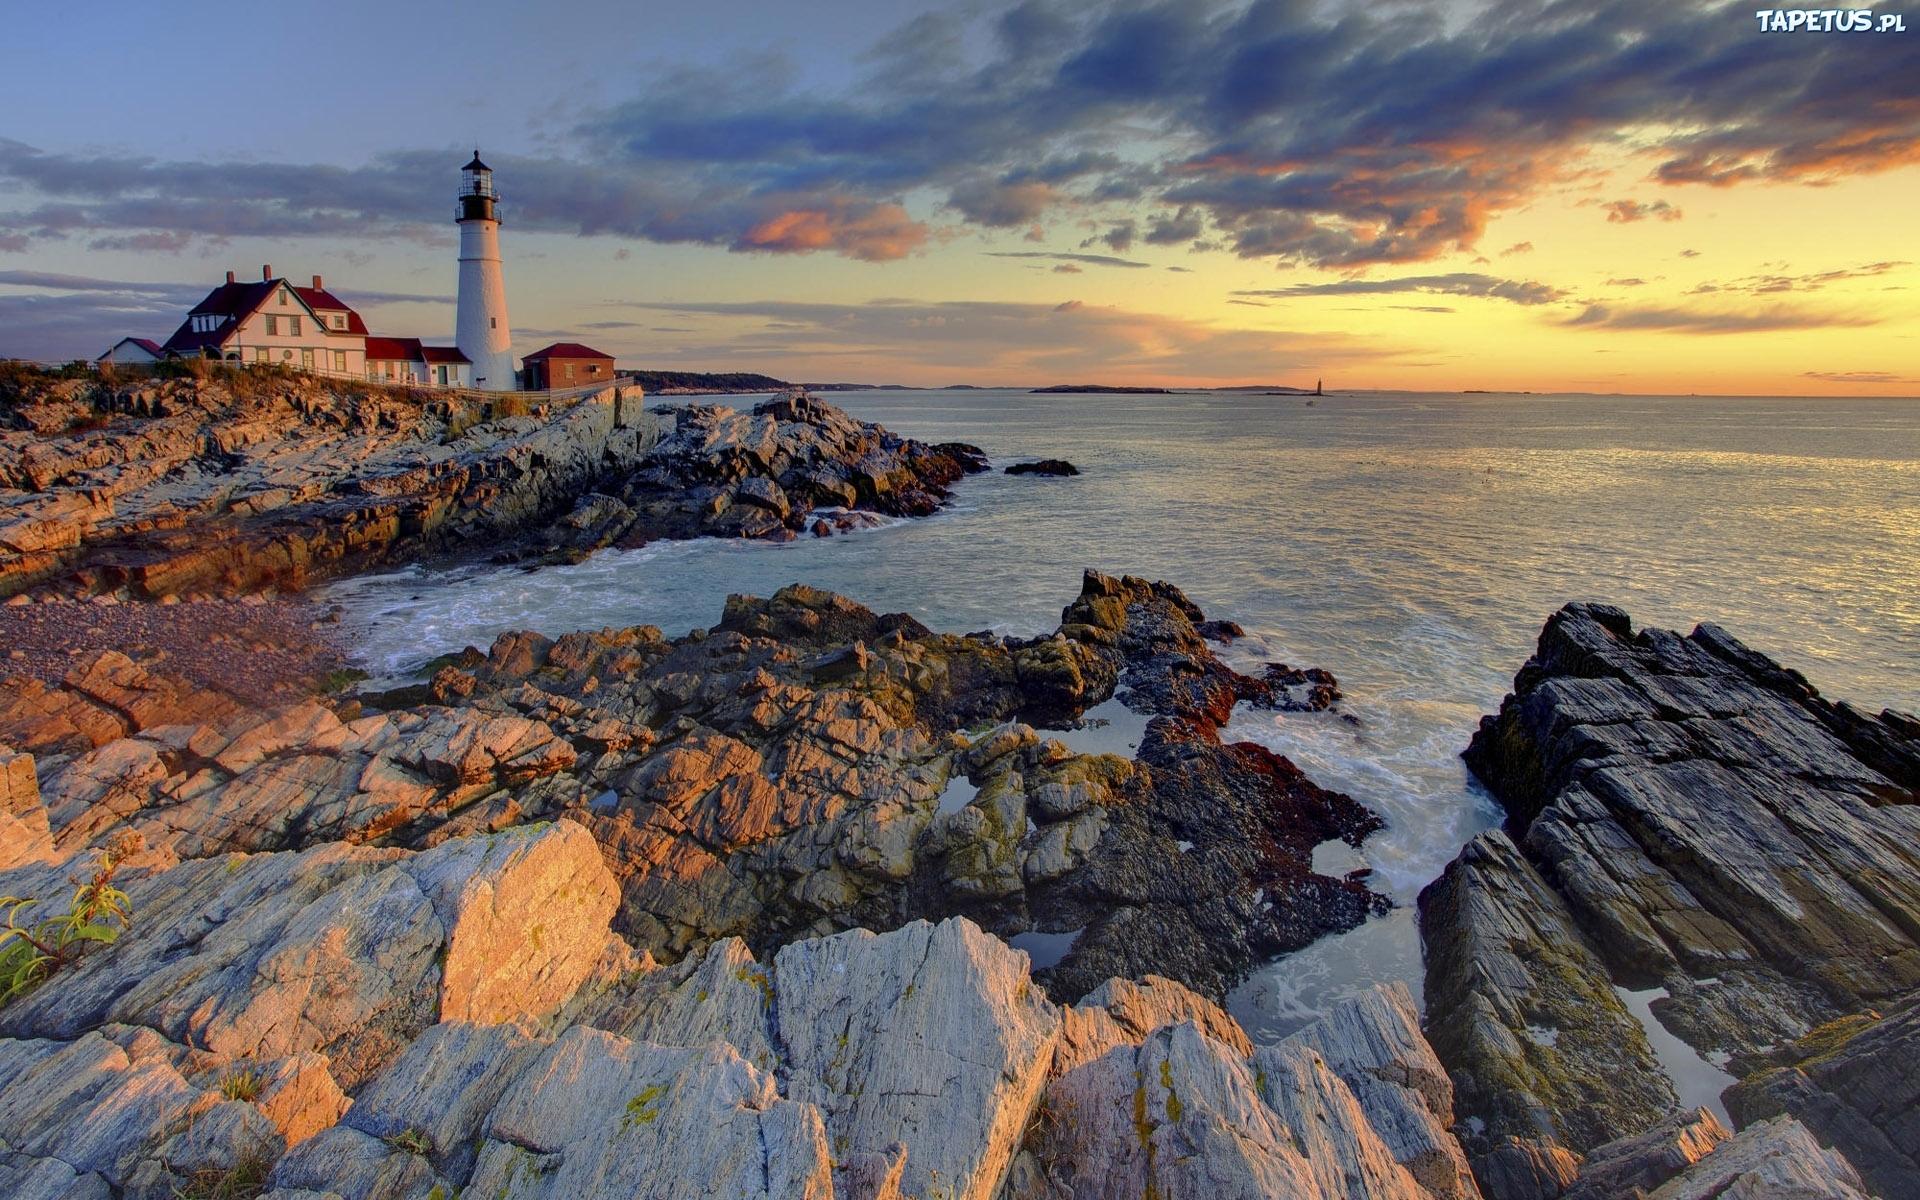 природа маяк море скалы  № 2238519 загрузить